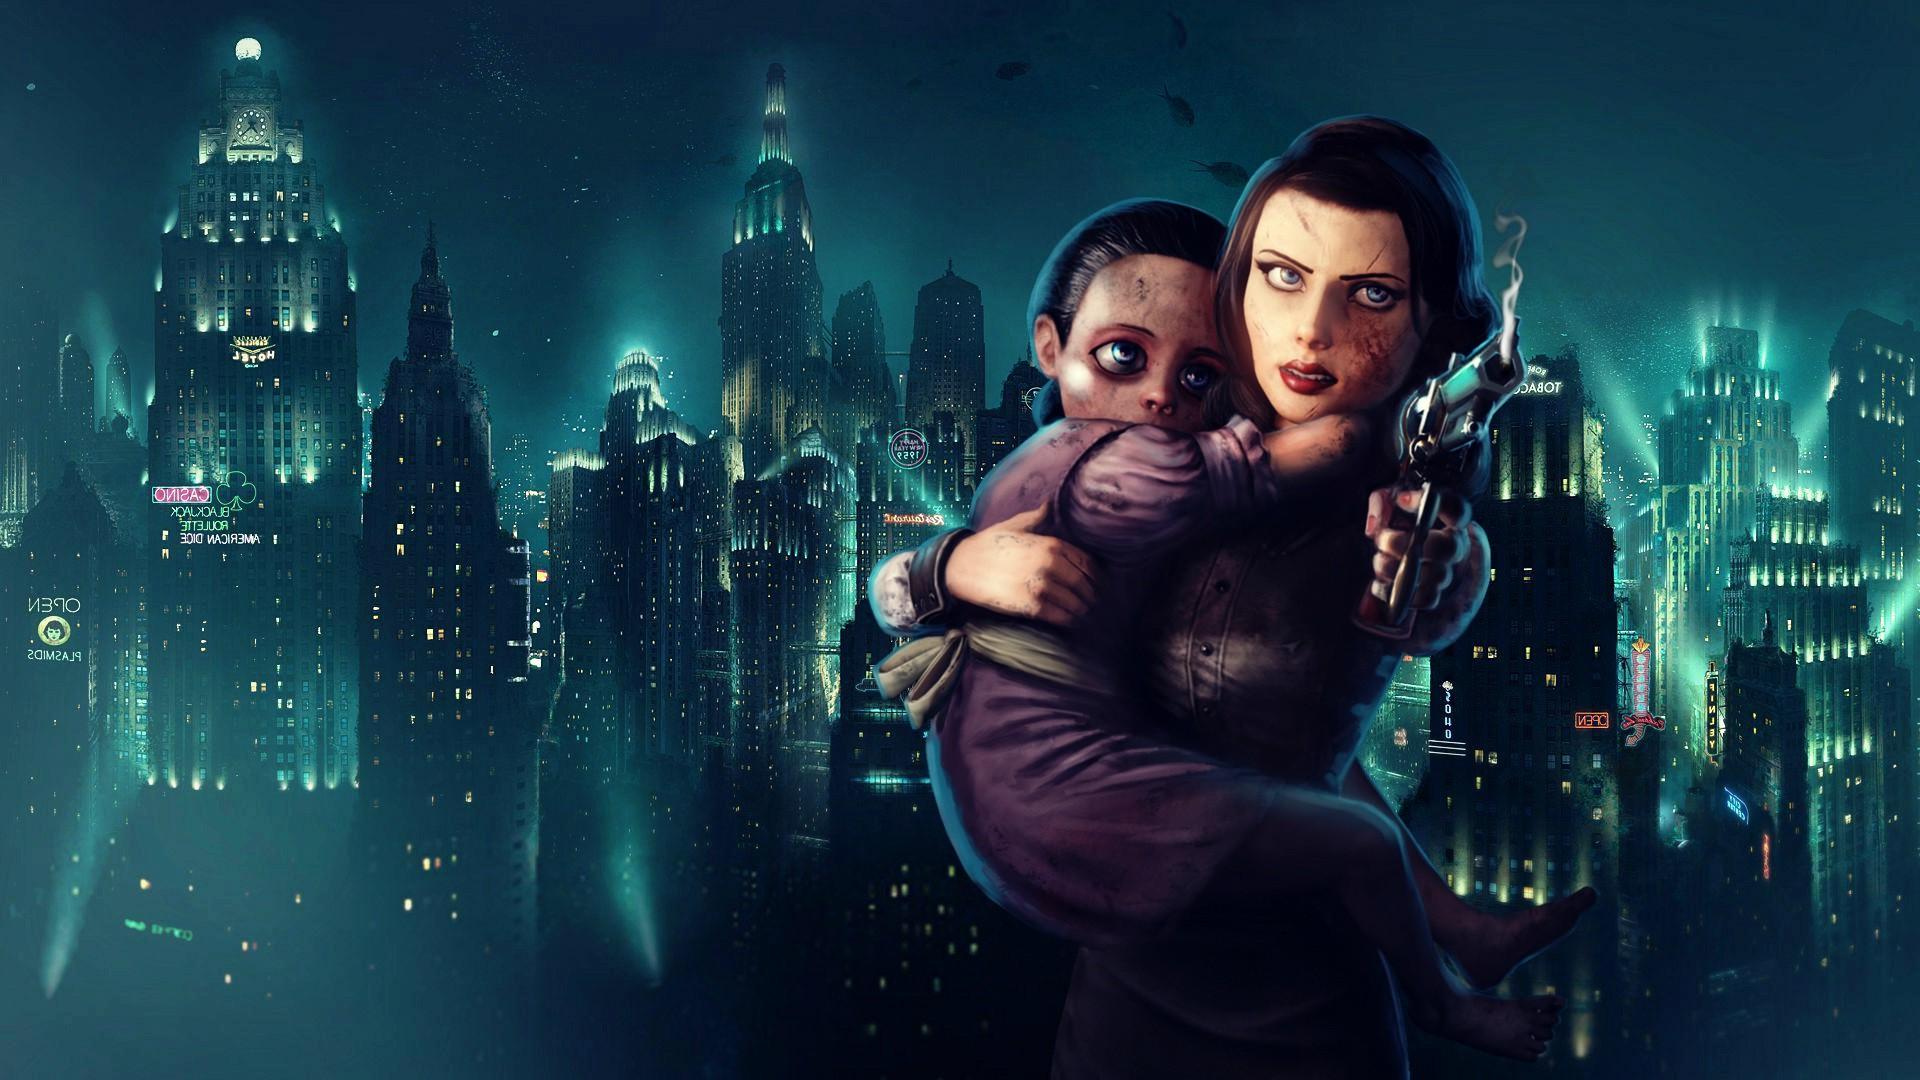 video games night BioShock Elizabeth BioShock BioShock Infinite Rapture midnight Little Sister stage darkness screenshot 1920x1080